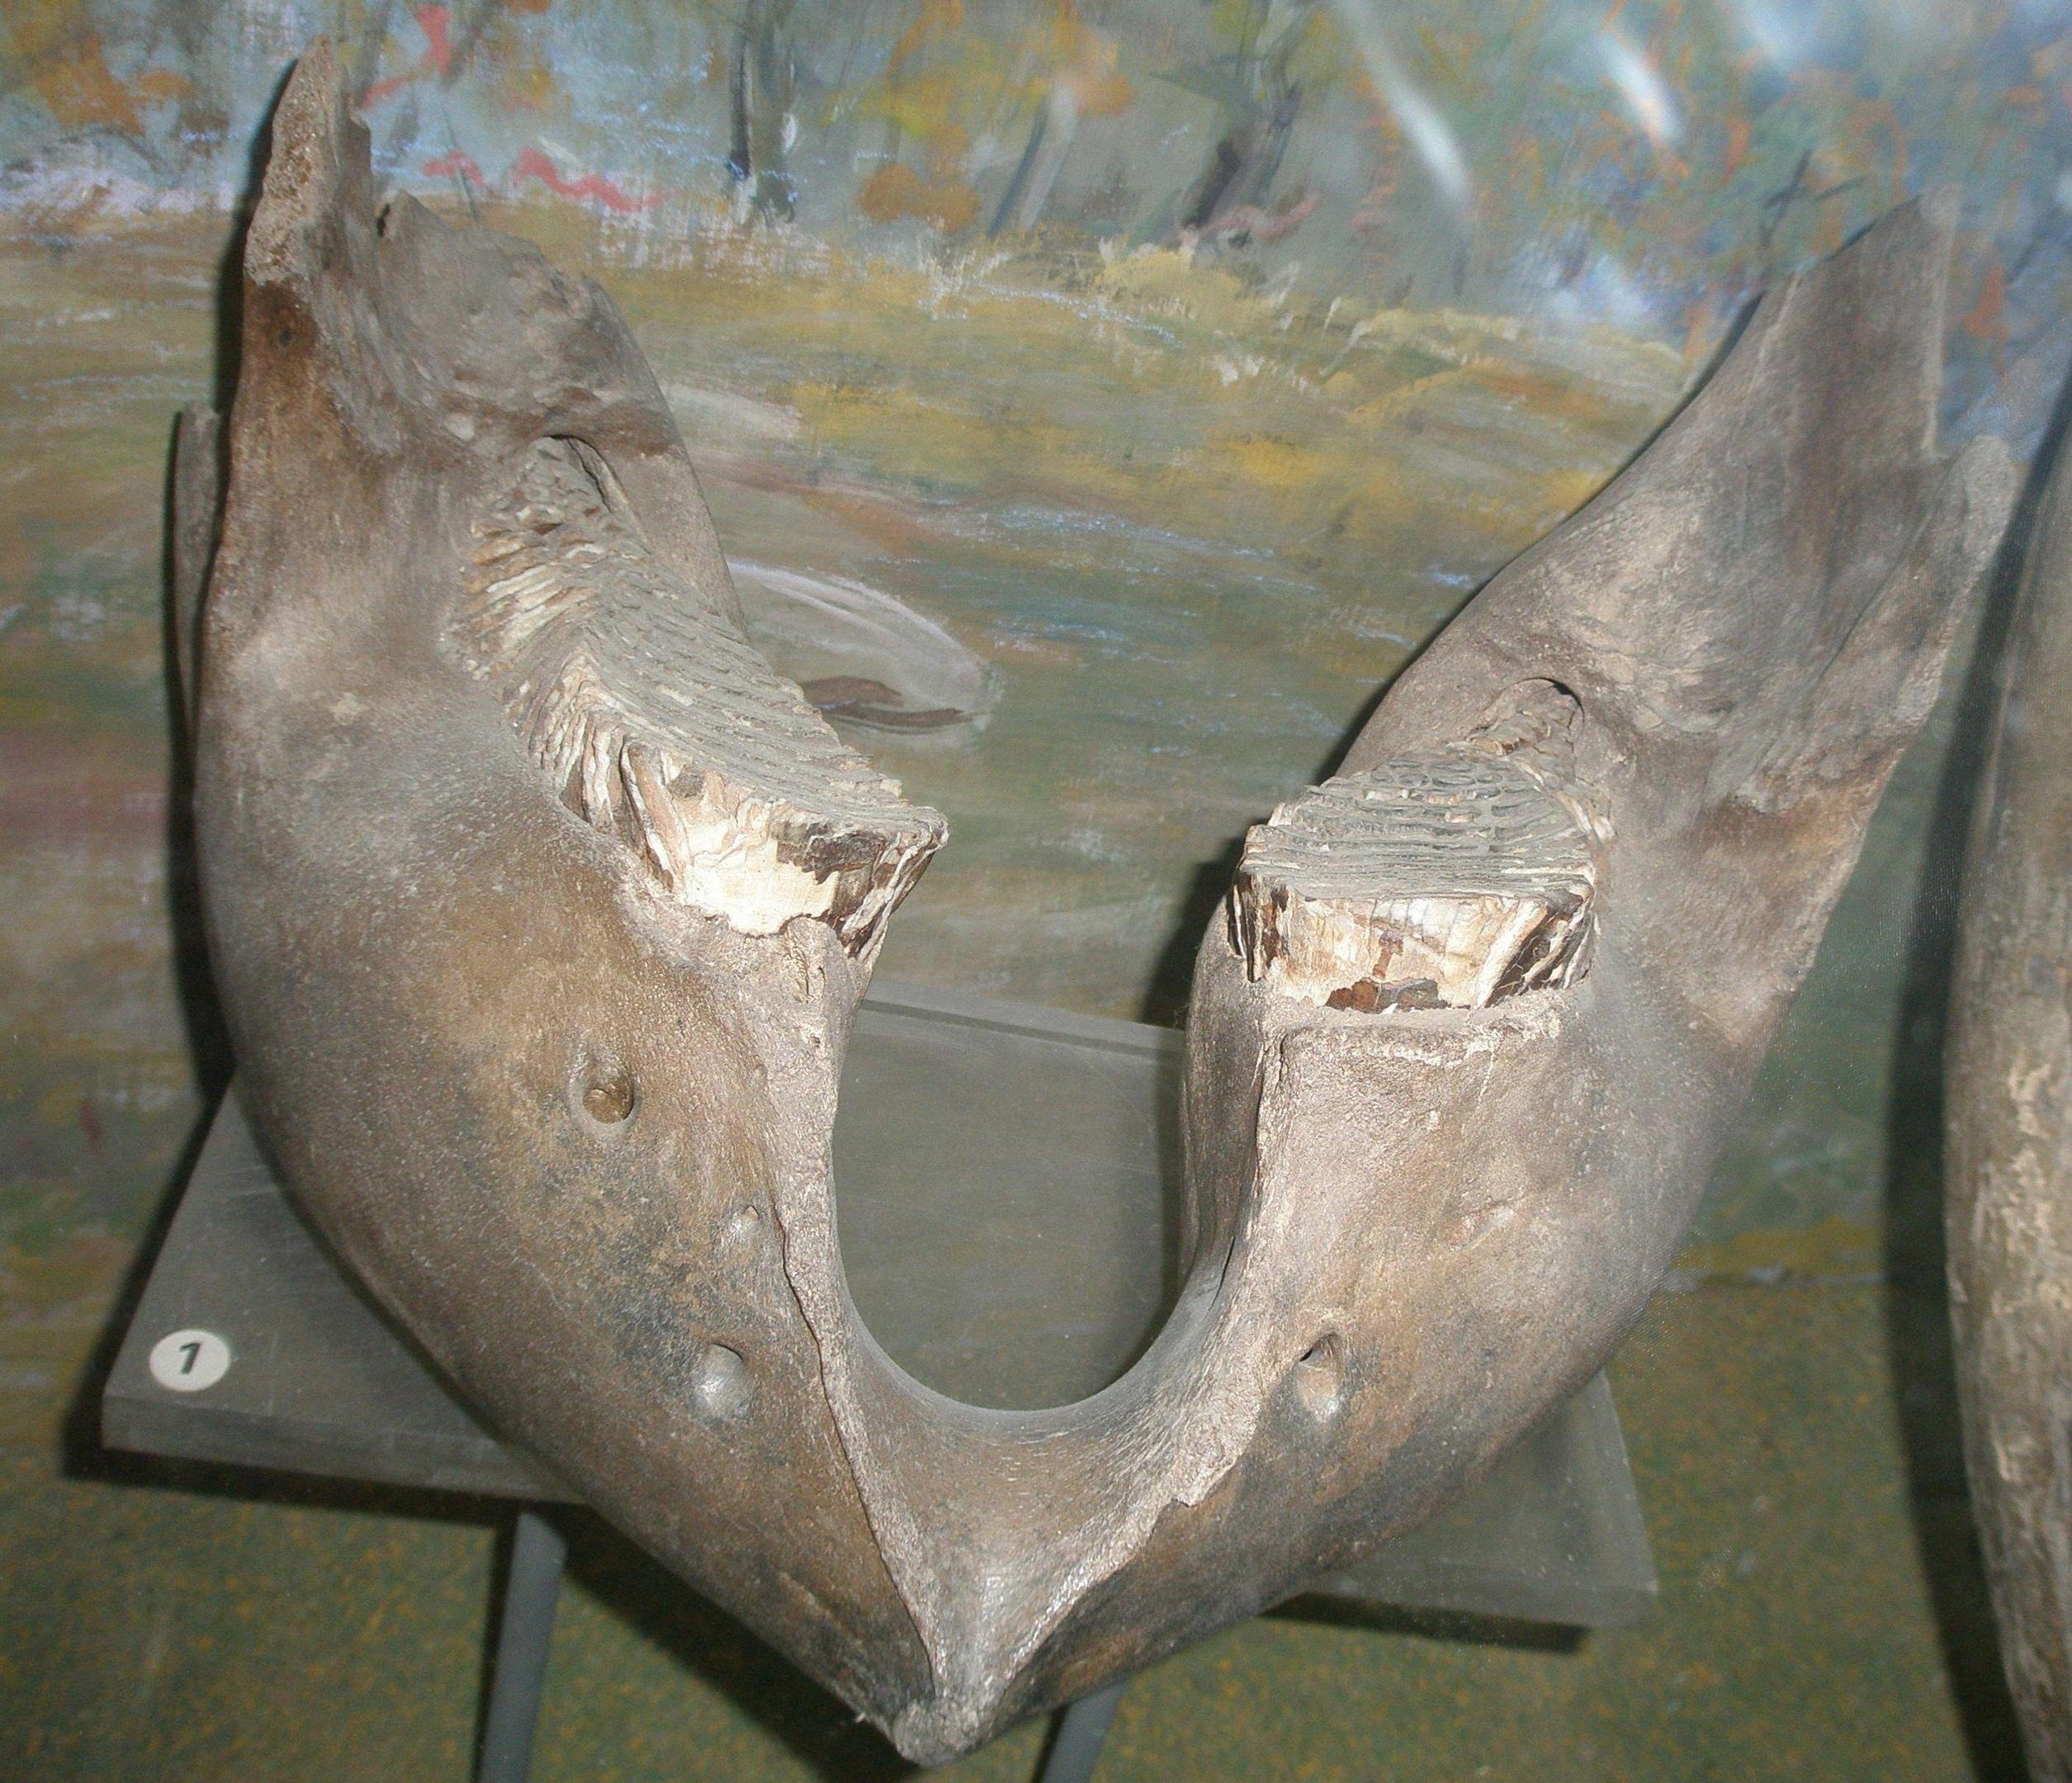 Опубликовано фото челюсти мамонта, найденной на карьере в Твери